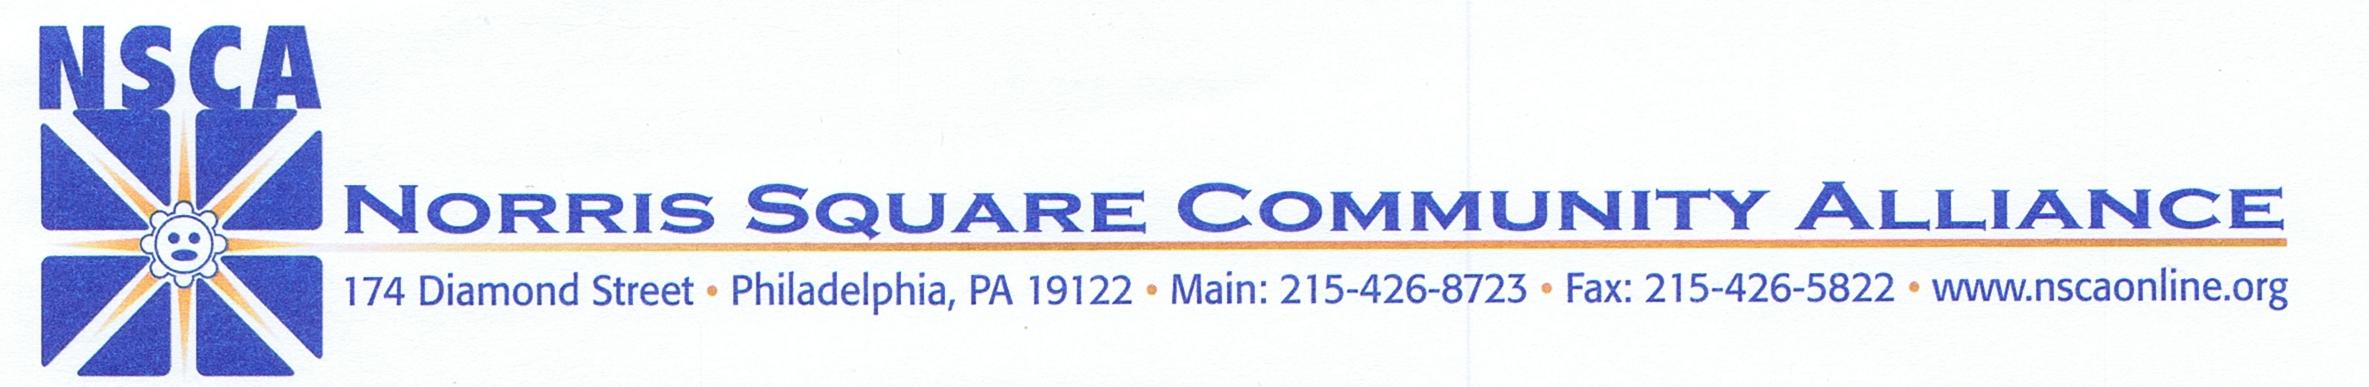 Norris Square Community Alliance's Logo